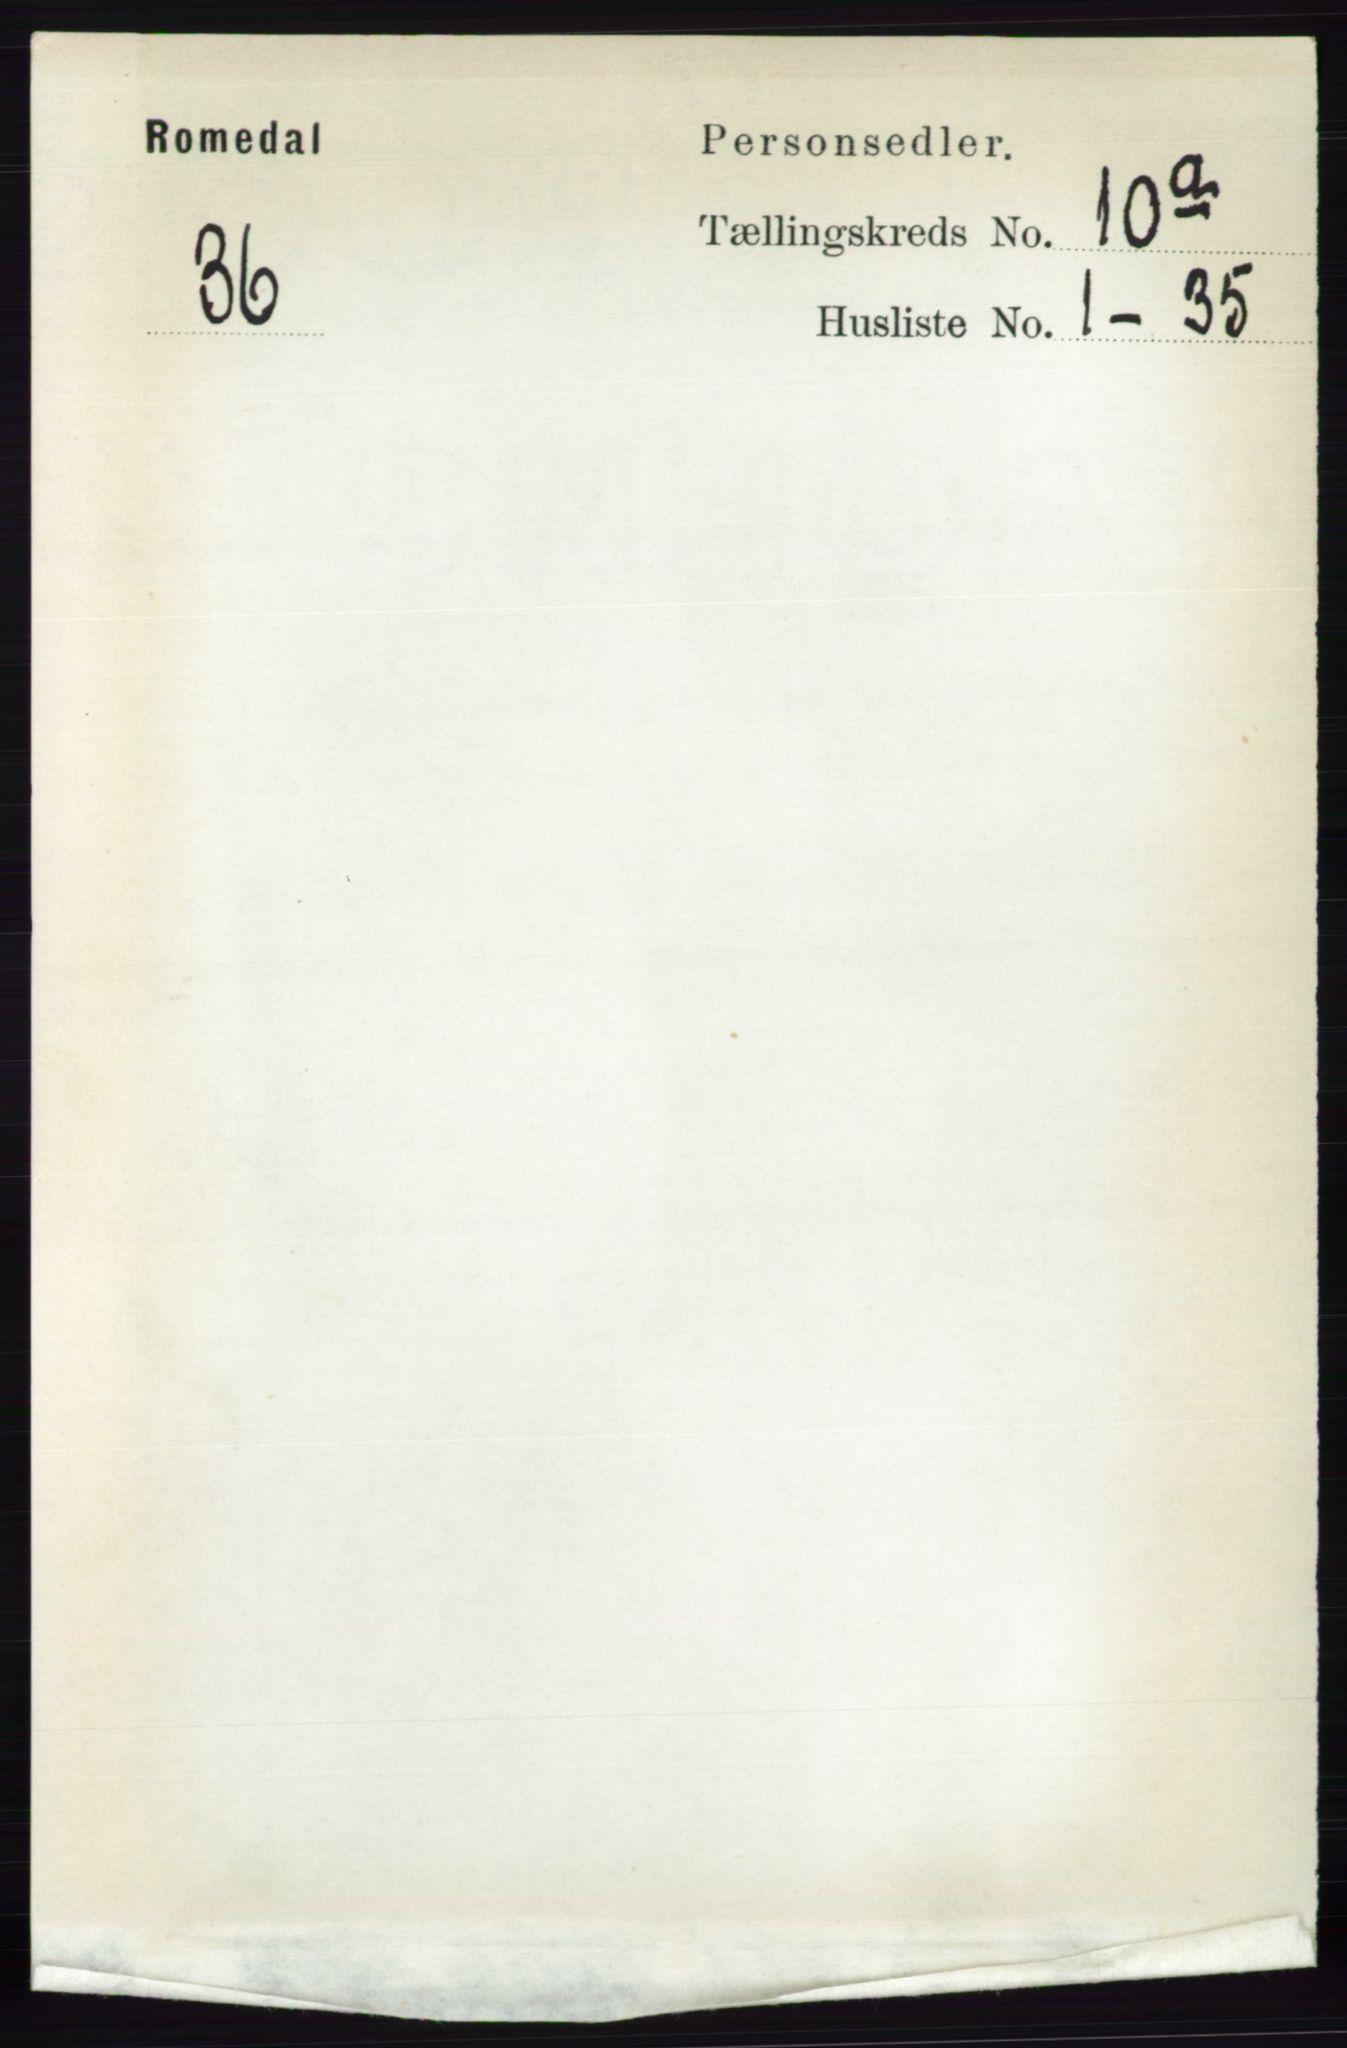 RA, Folketelling 1891 for 0416 Romedal herred, 1891, s. 4810